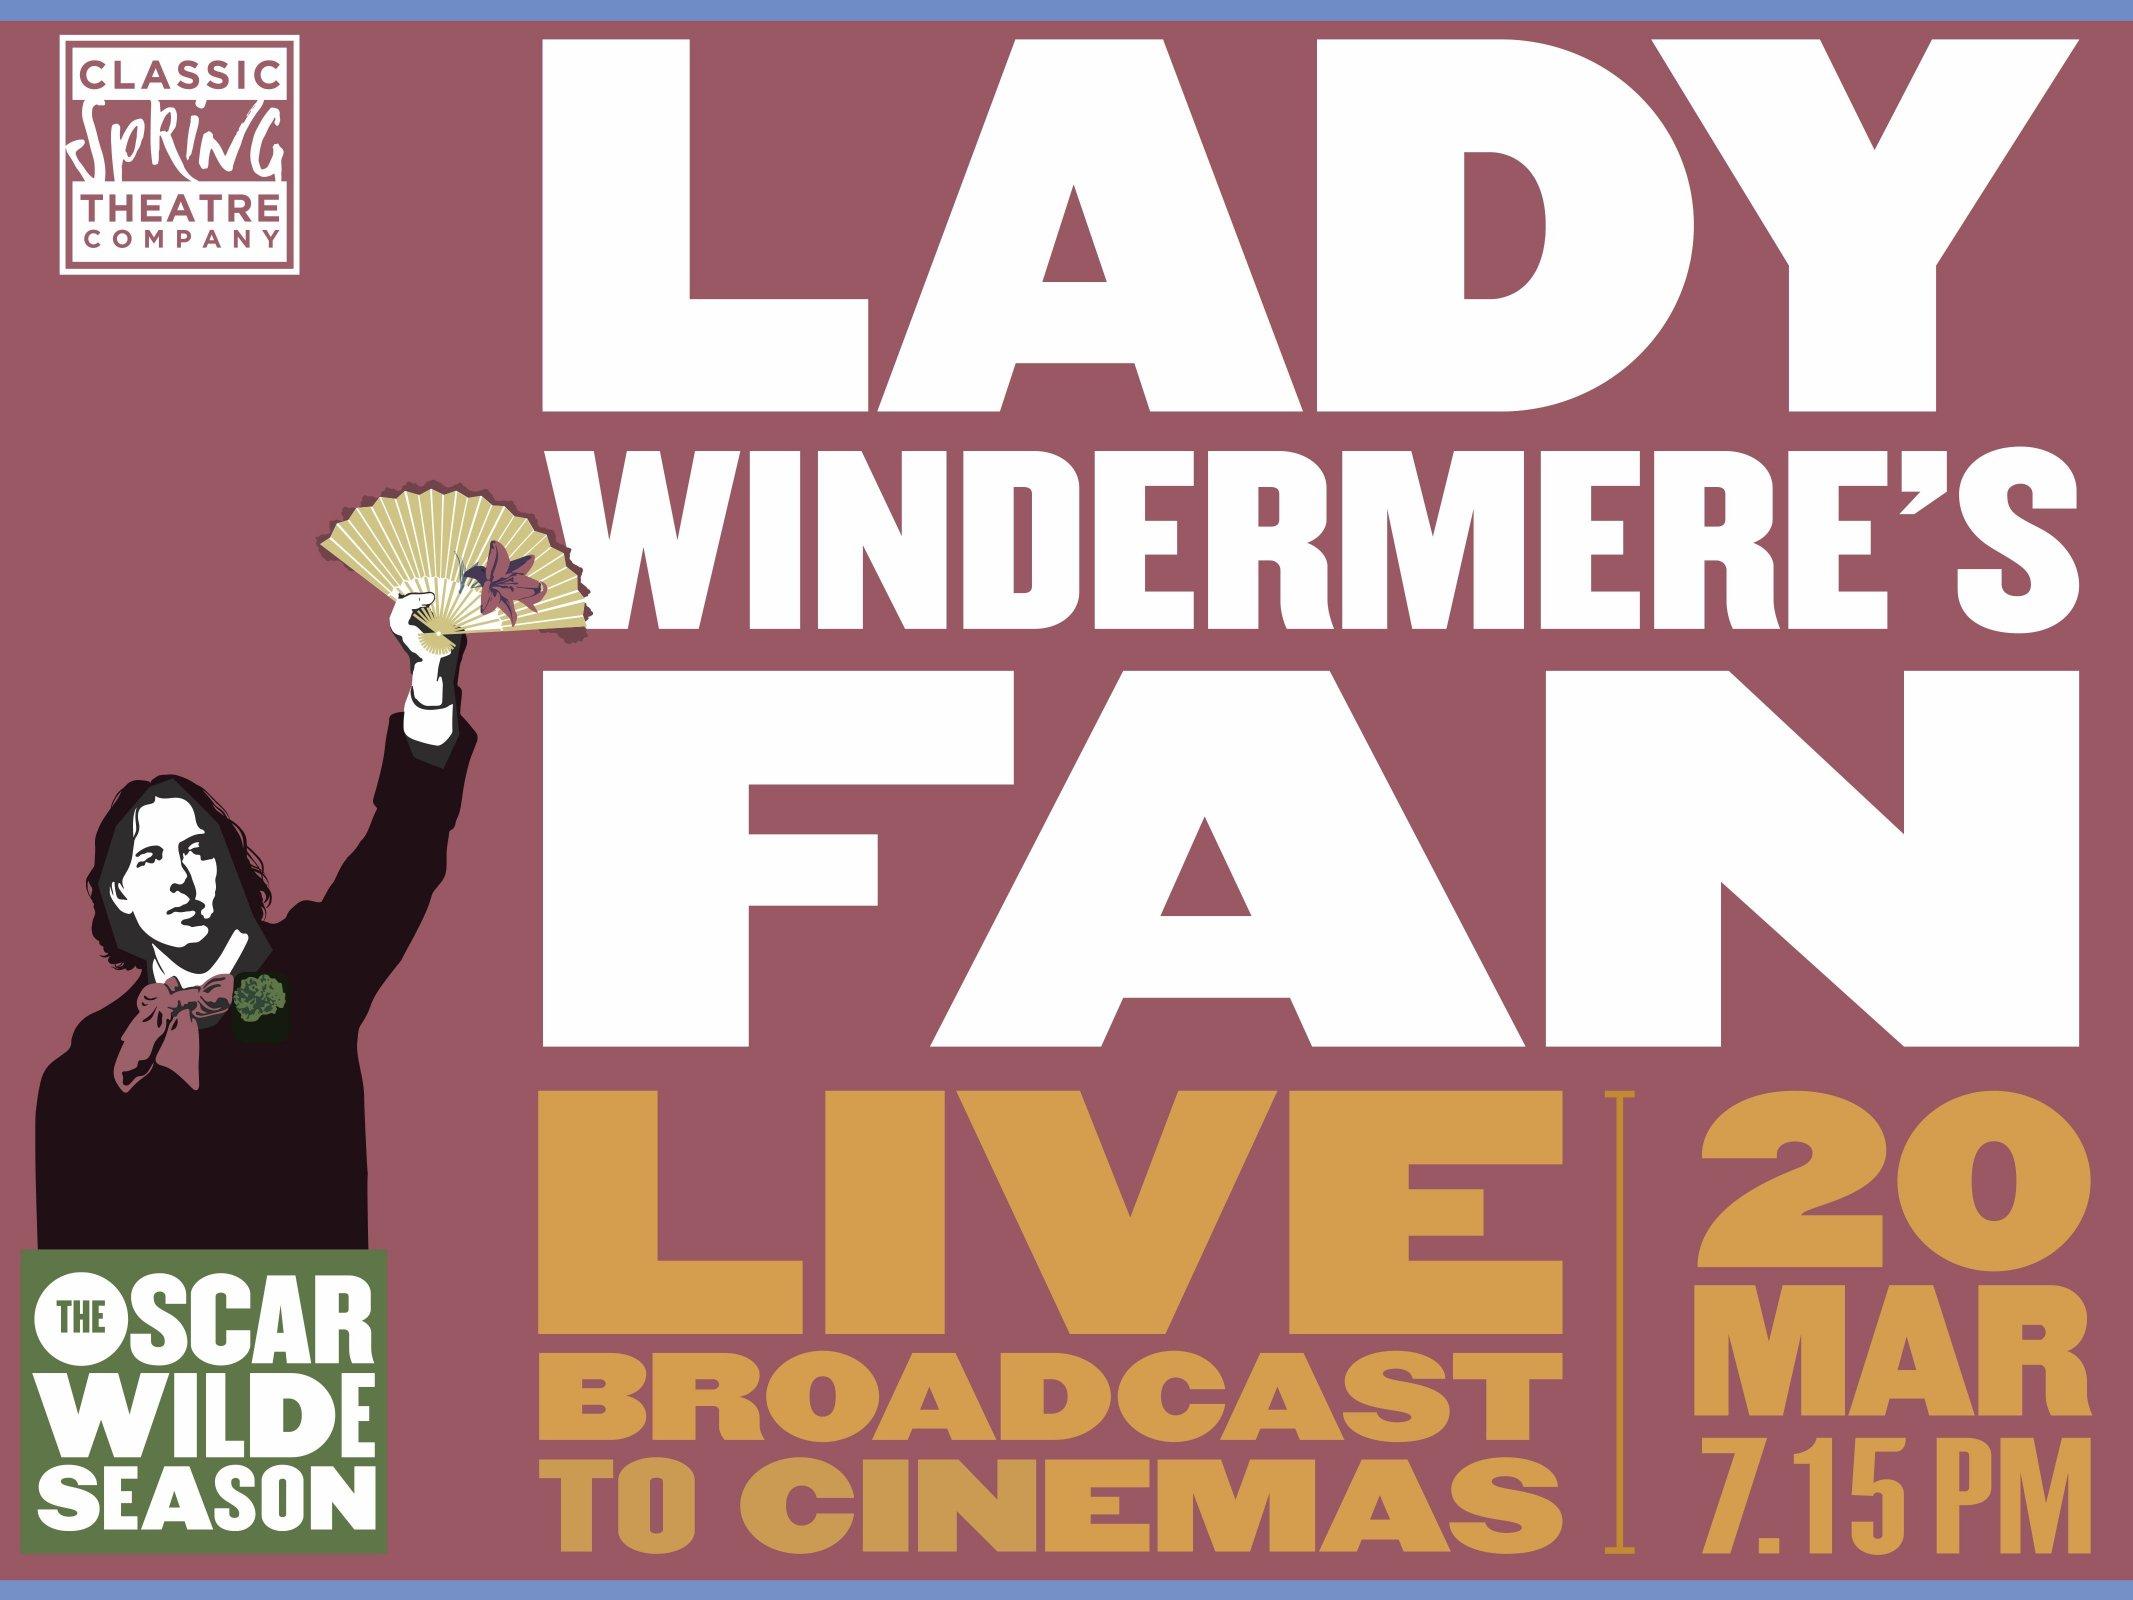 Oscar Wilde Season Lady Windermeres Fan